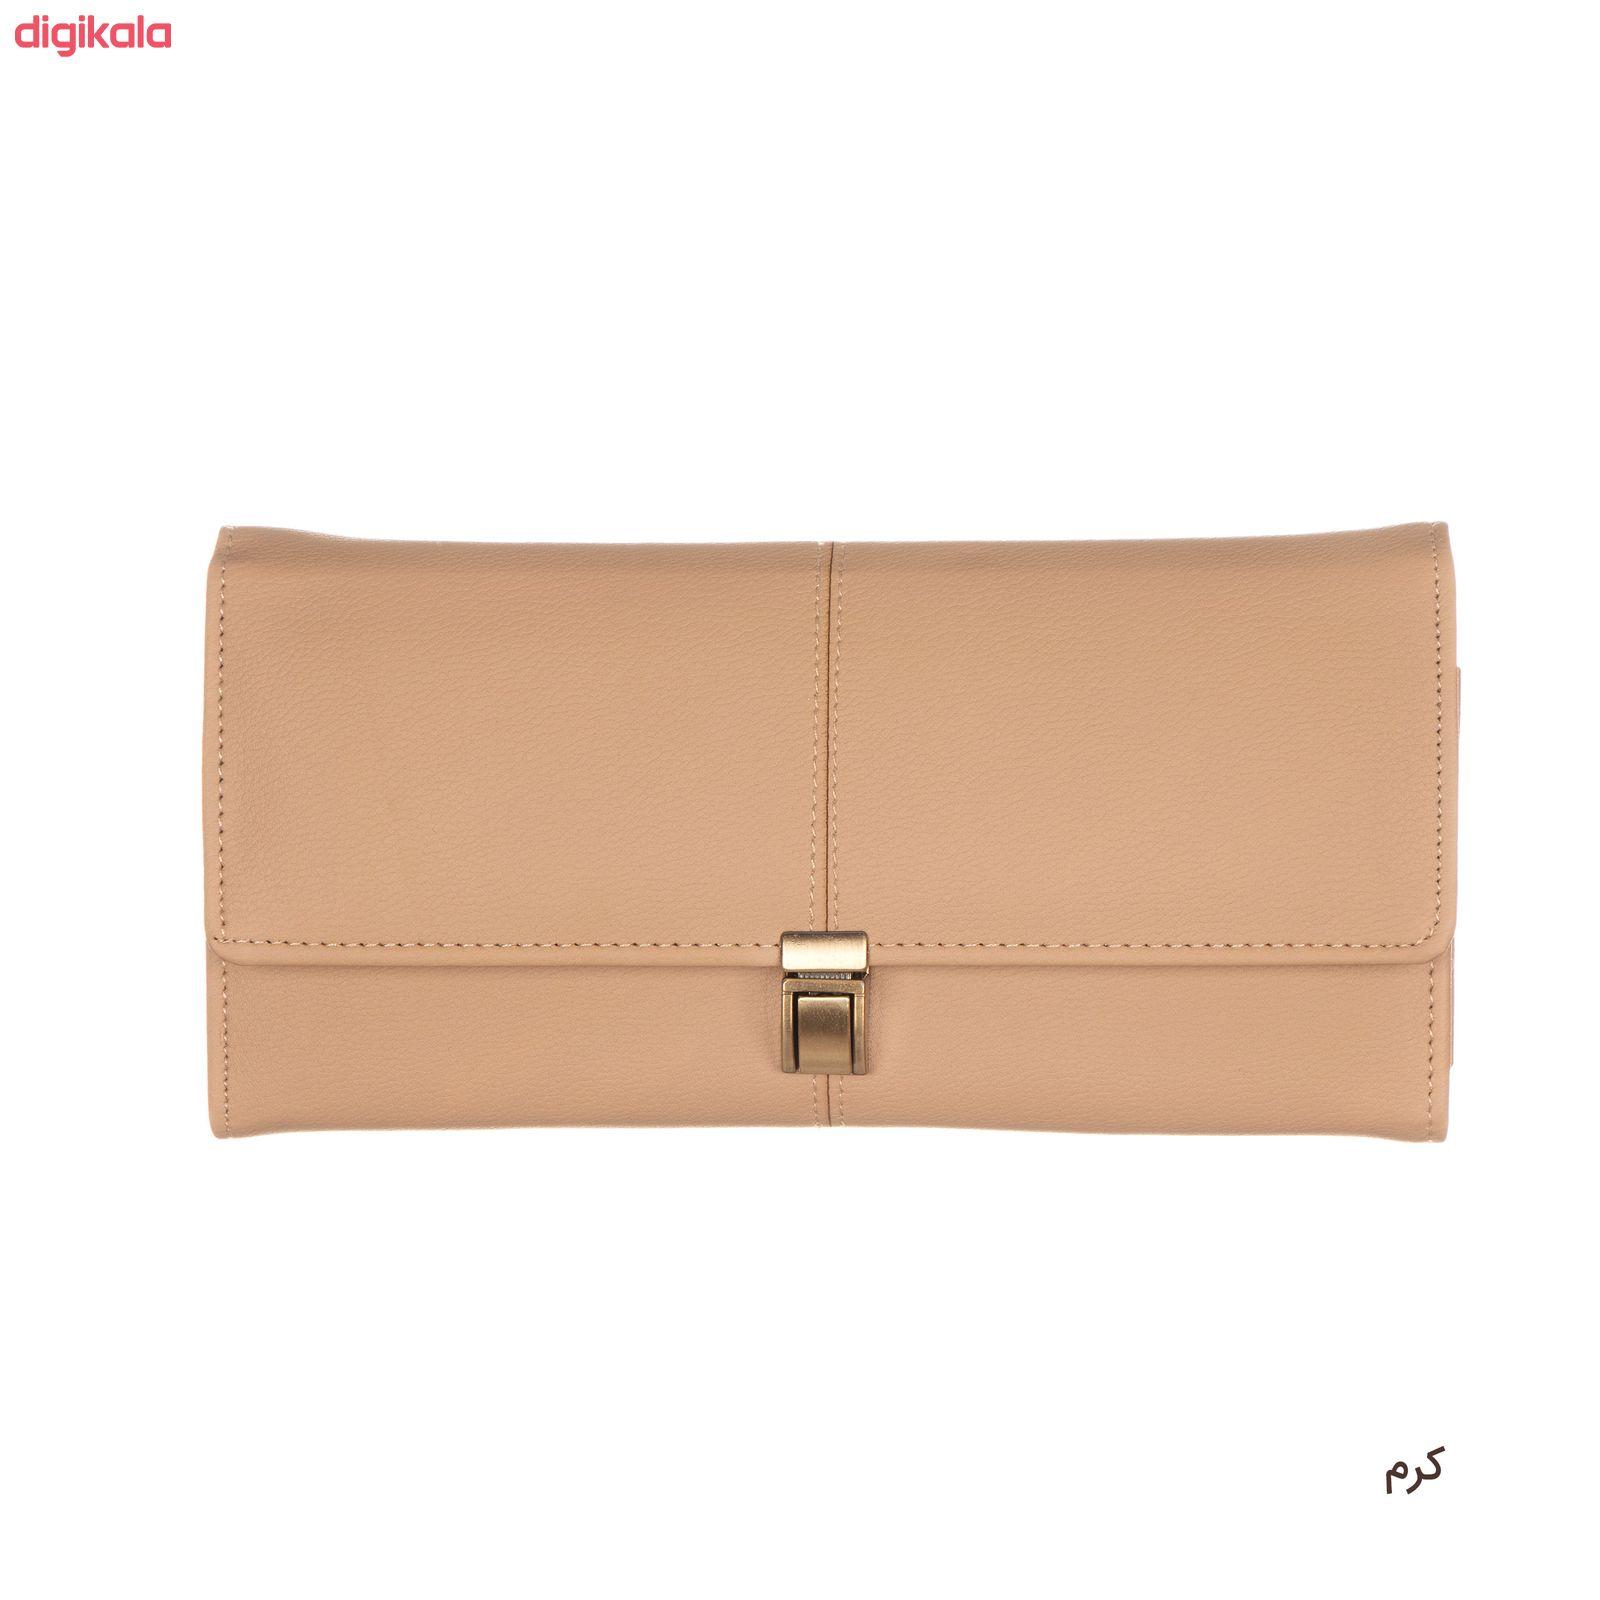 کیف دستی مدل mb0037 main 1 8